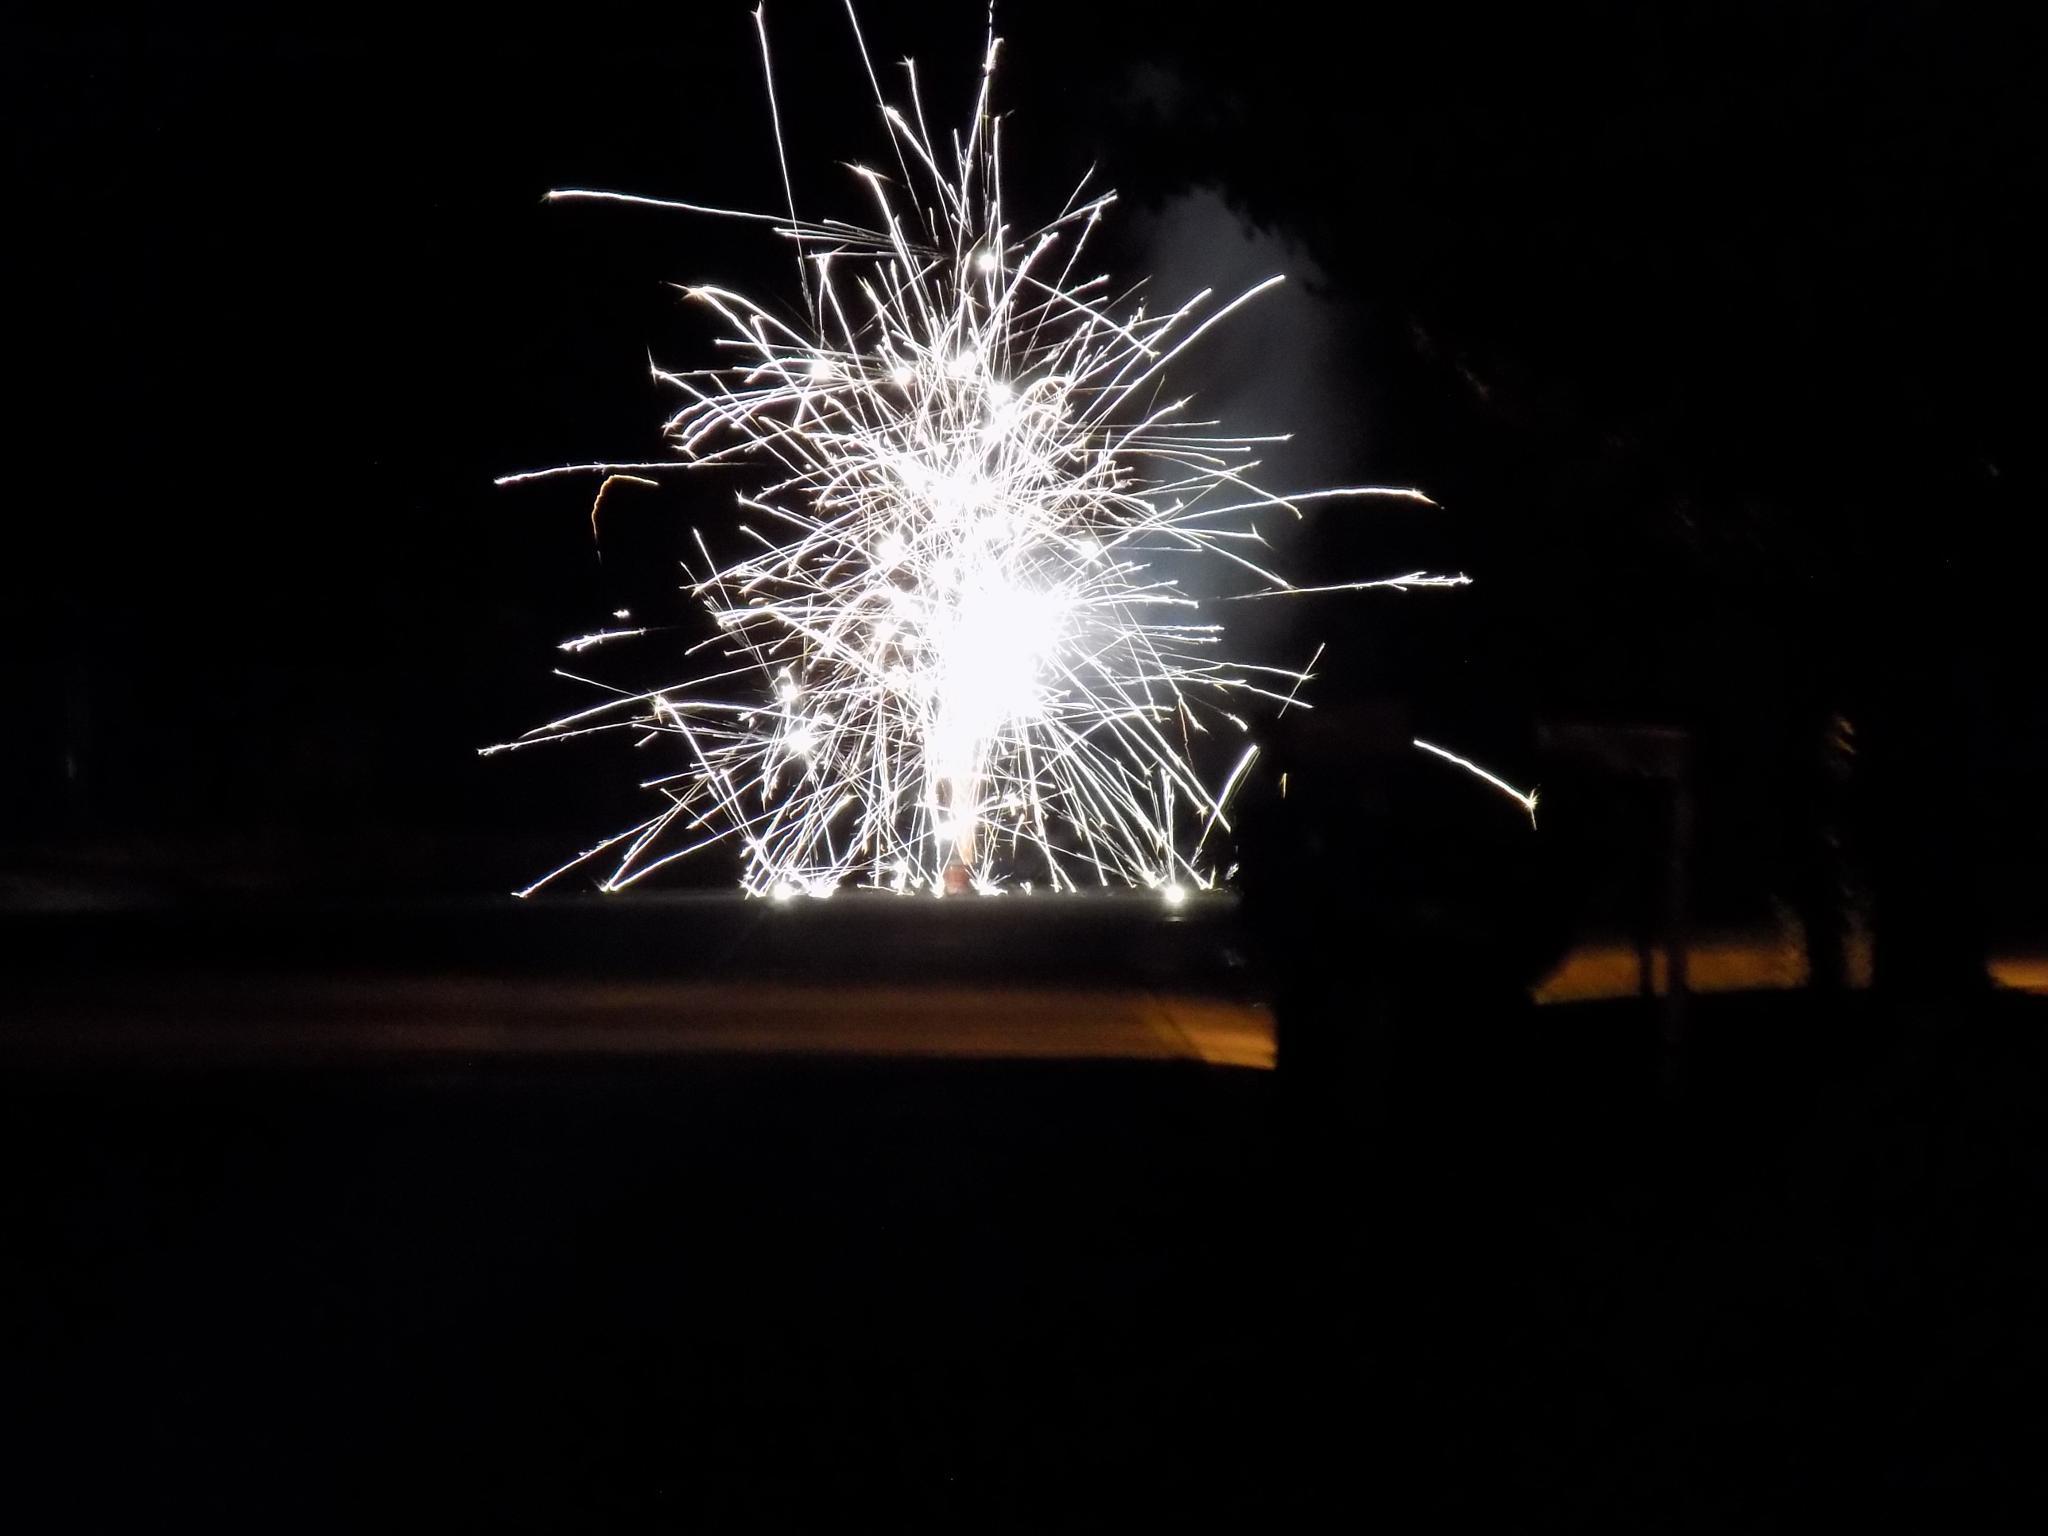 Fireworks  by blazejeffrey0800